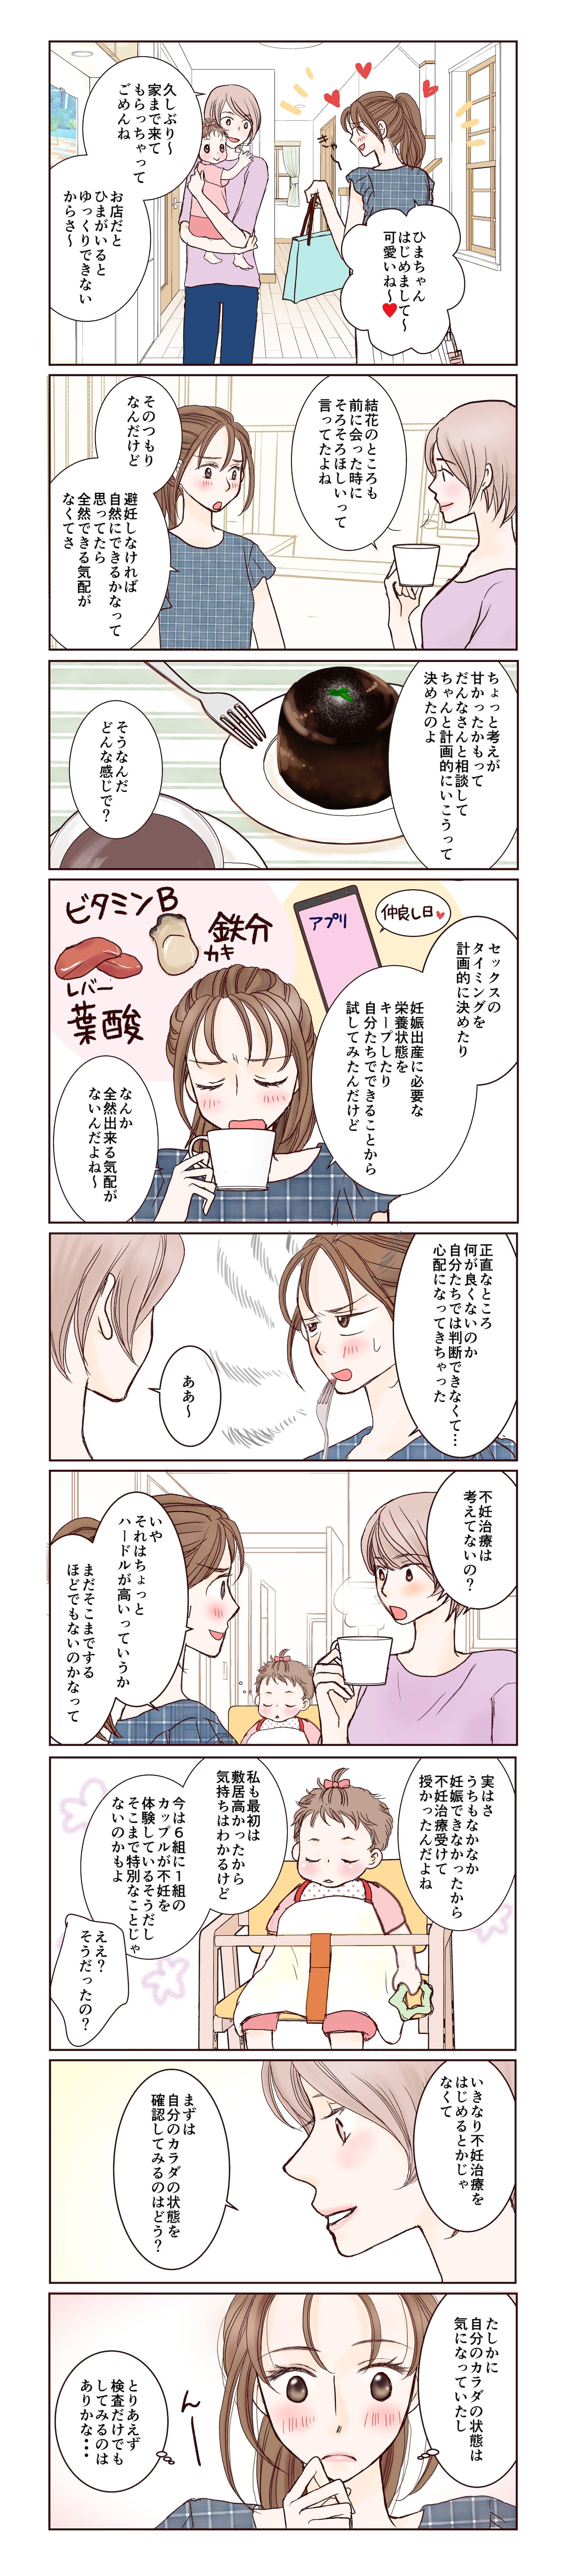 ルナルナ×アイジェノミクス・ジャパンPR漫画-1